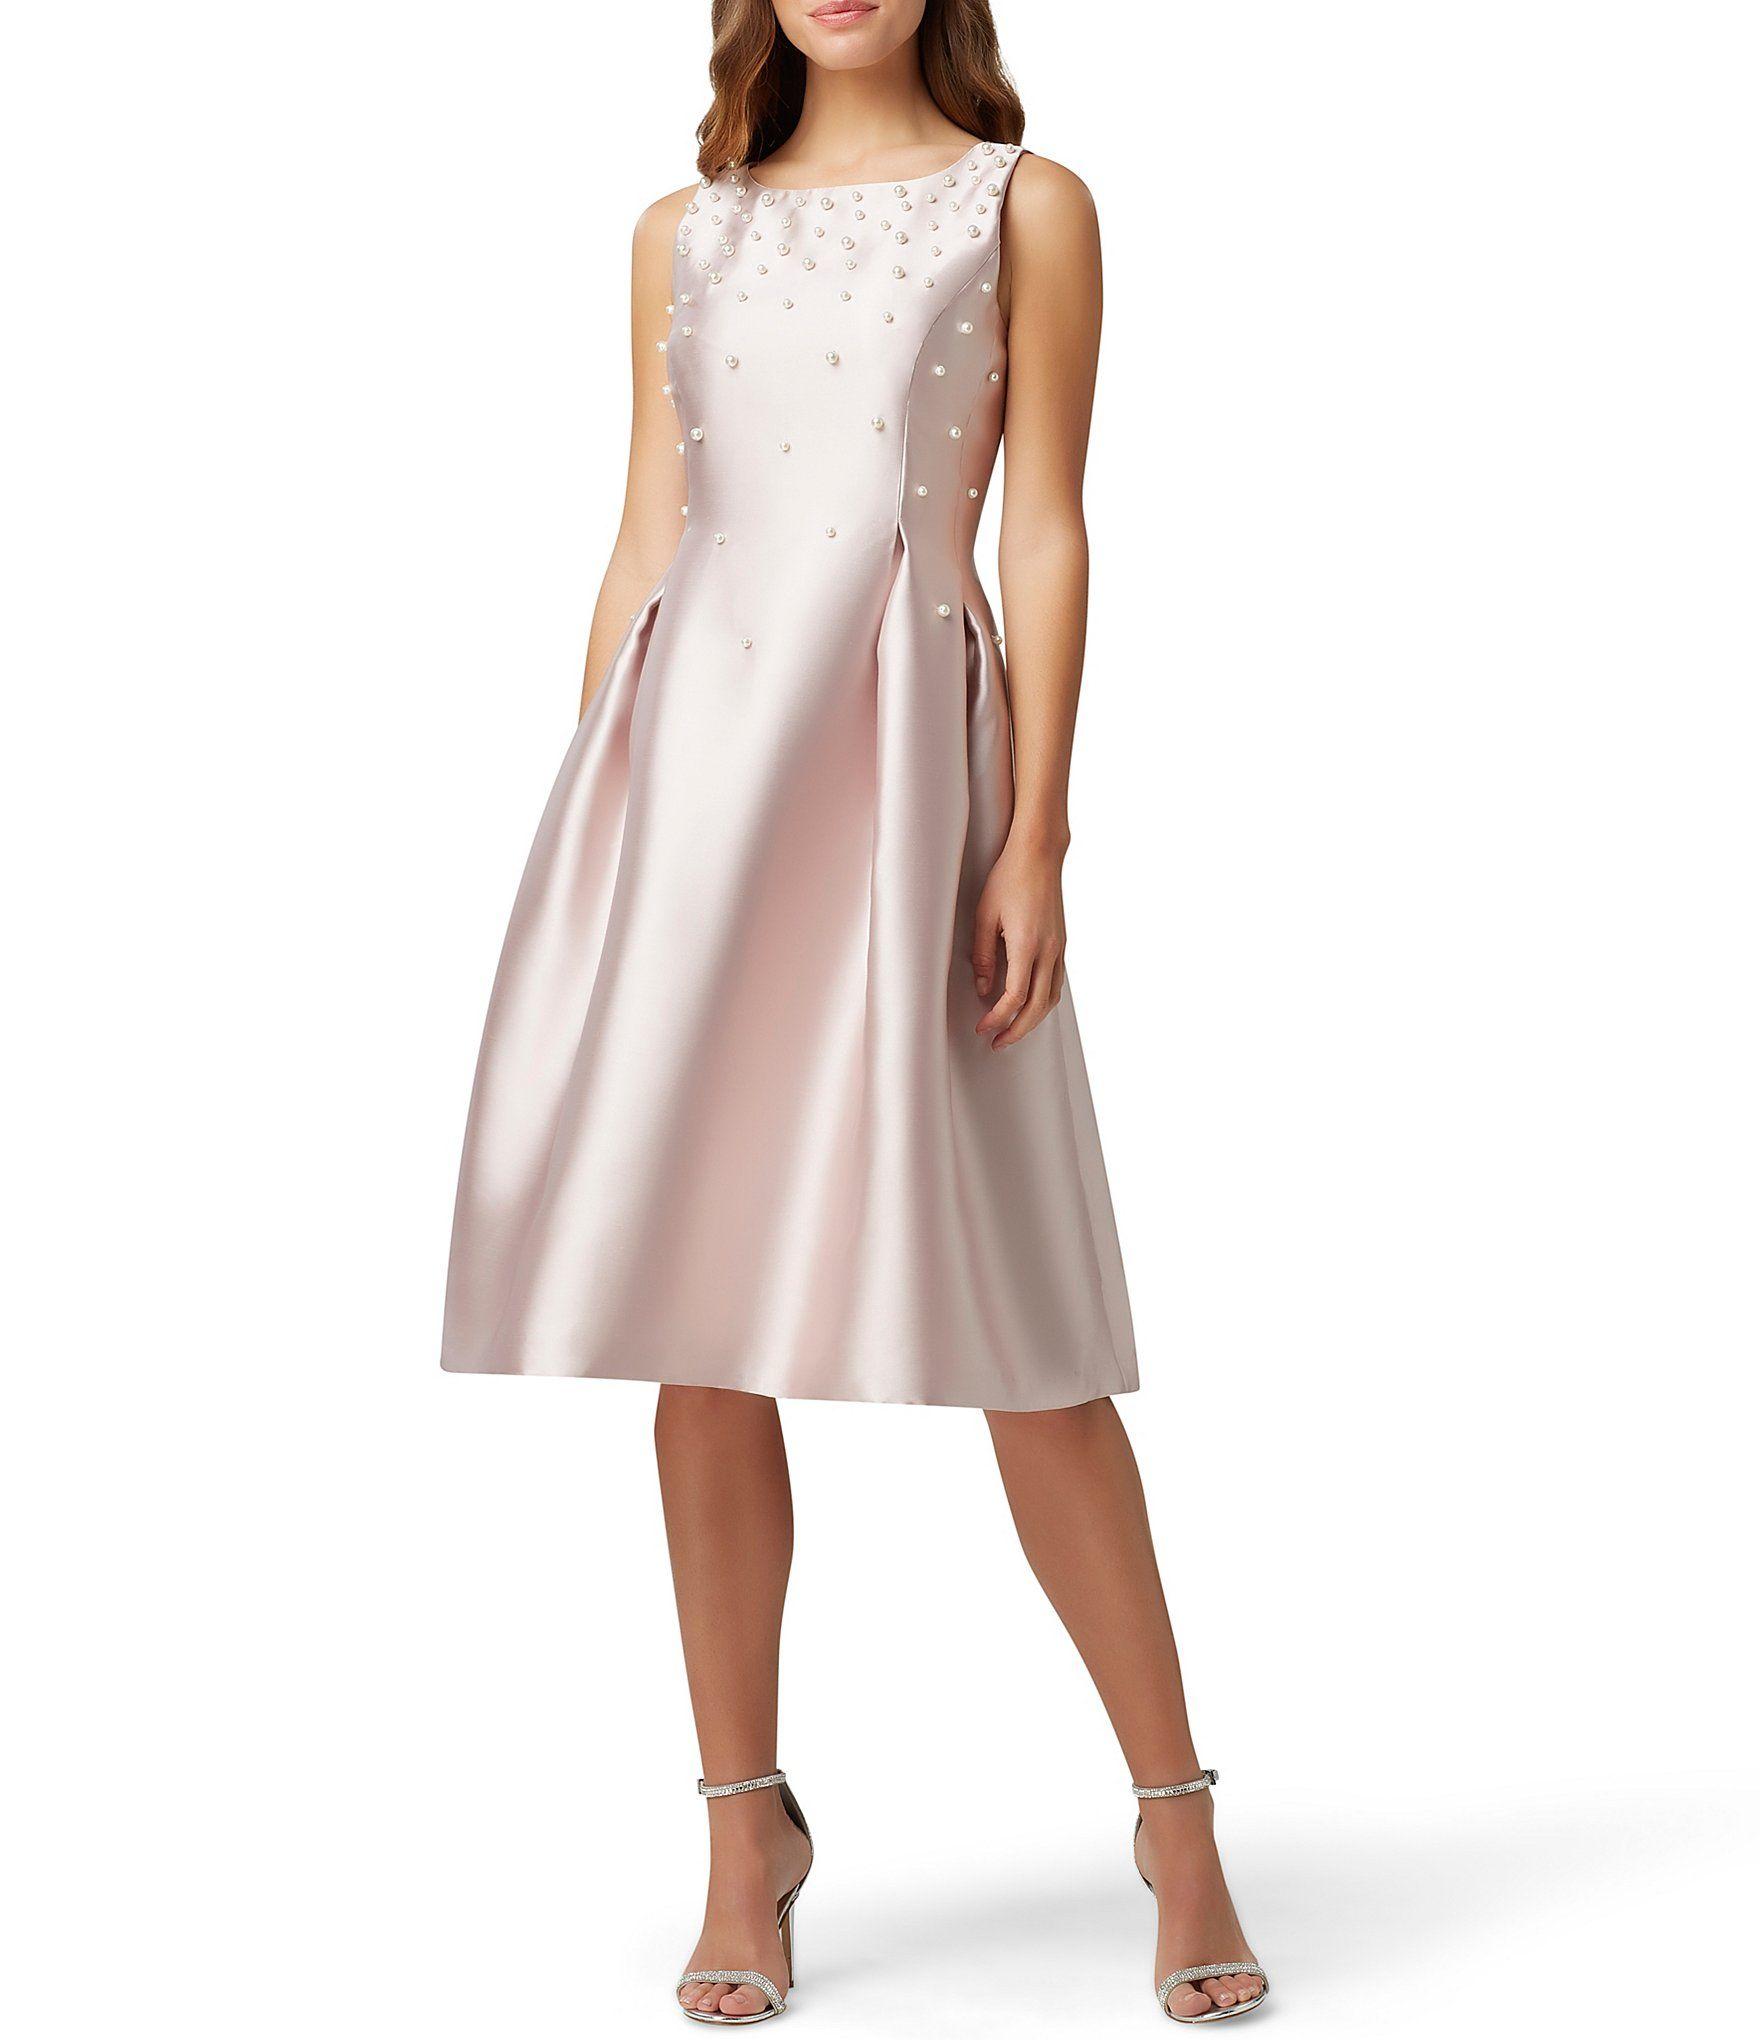 Tahari Asl Embellished Pearl Tea Length Sleeveless Fit Flare Dress Dillard S In 2021 Fit Flare Dress Flare Dress Fashion [ 2040 x 1760 Pixel ]